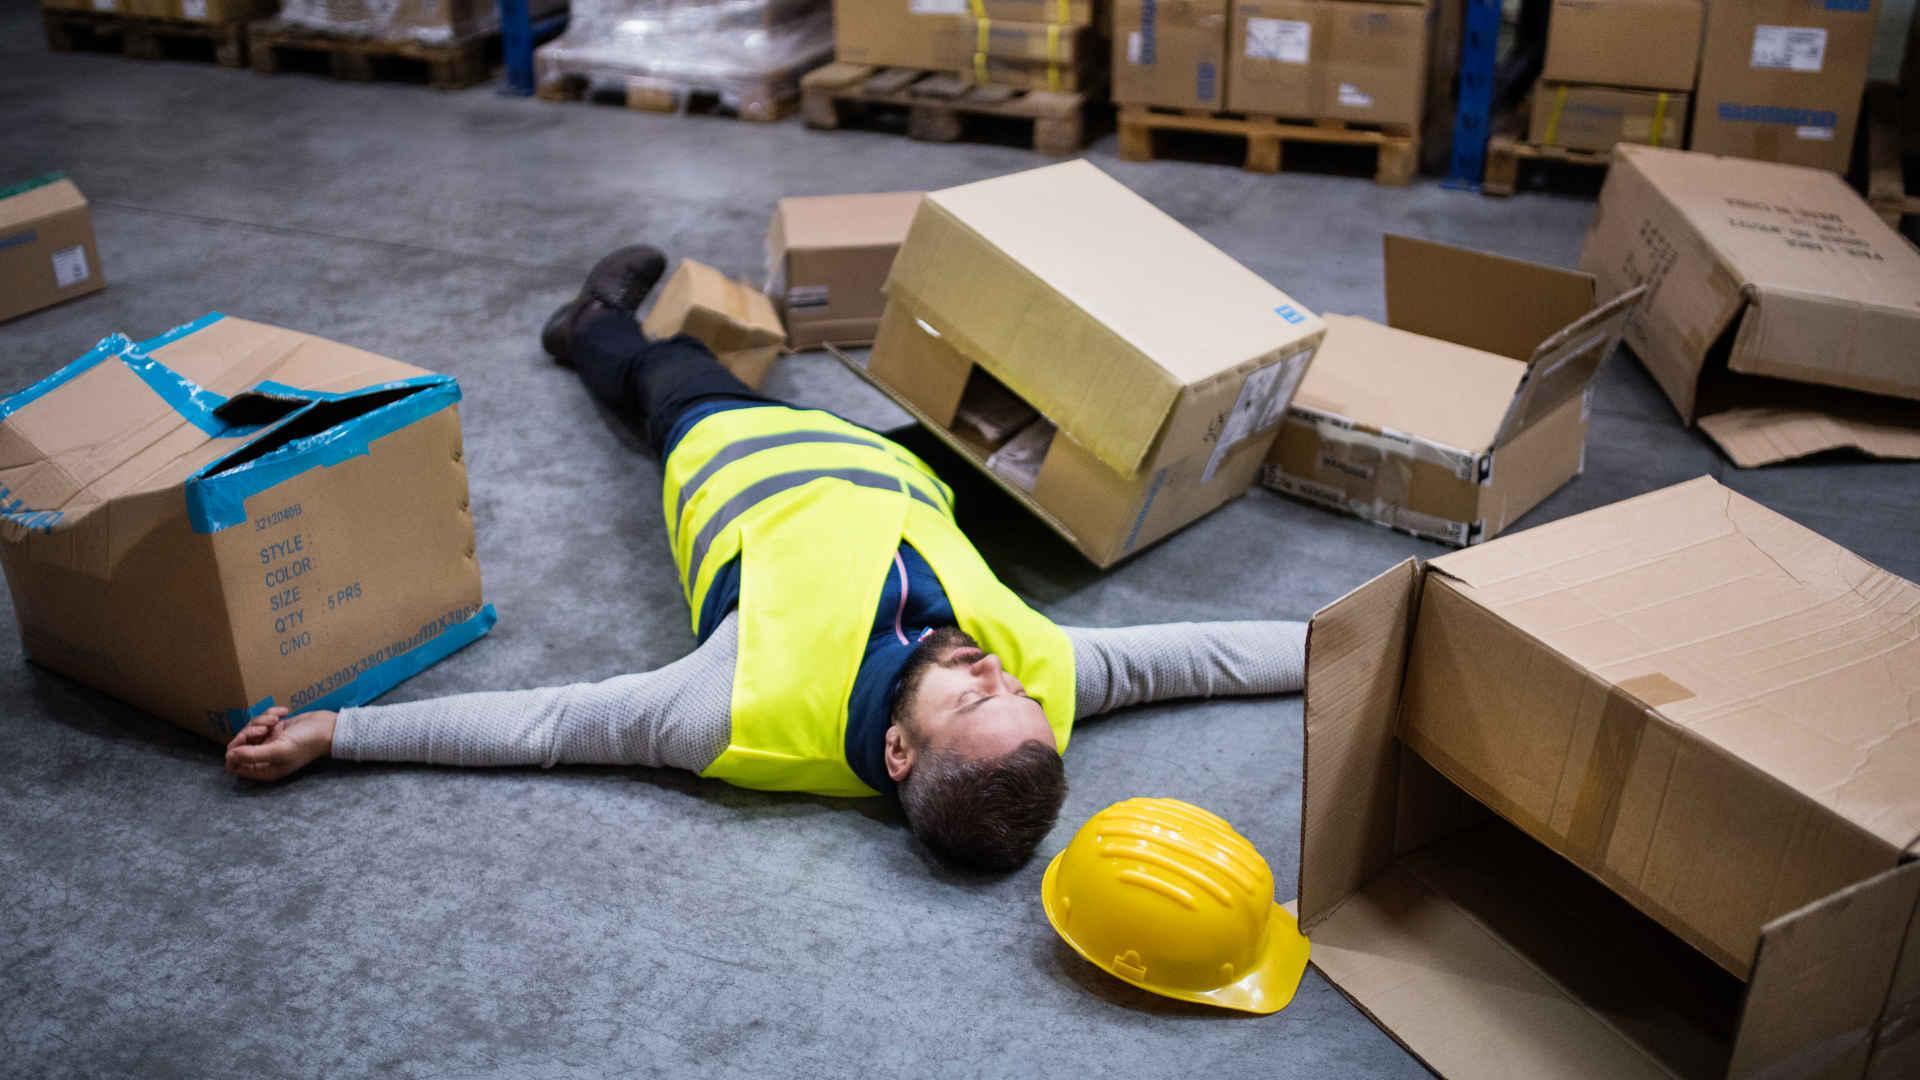 Schmerzensgeld nach Arbeitsunfall